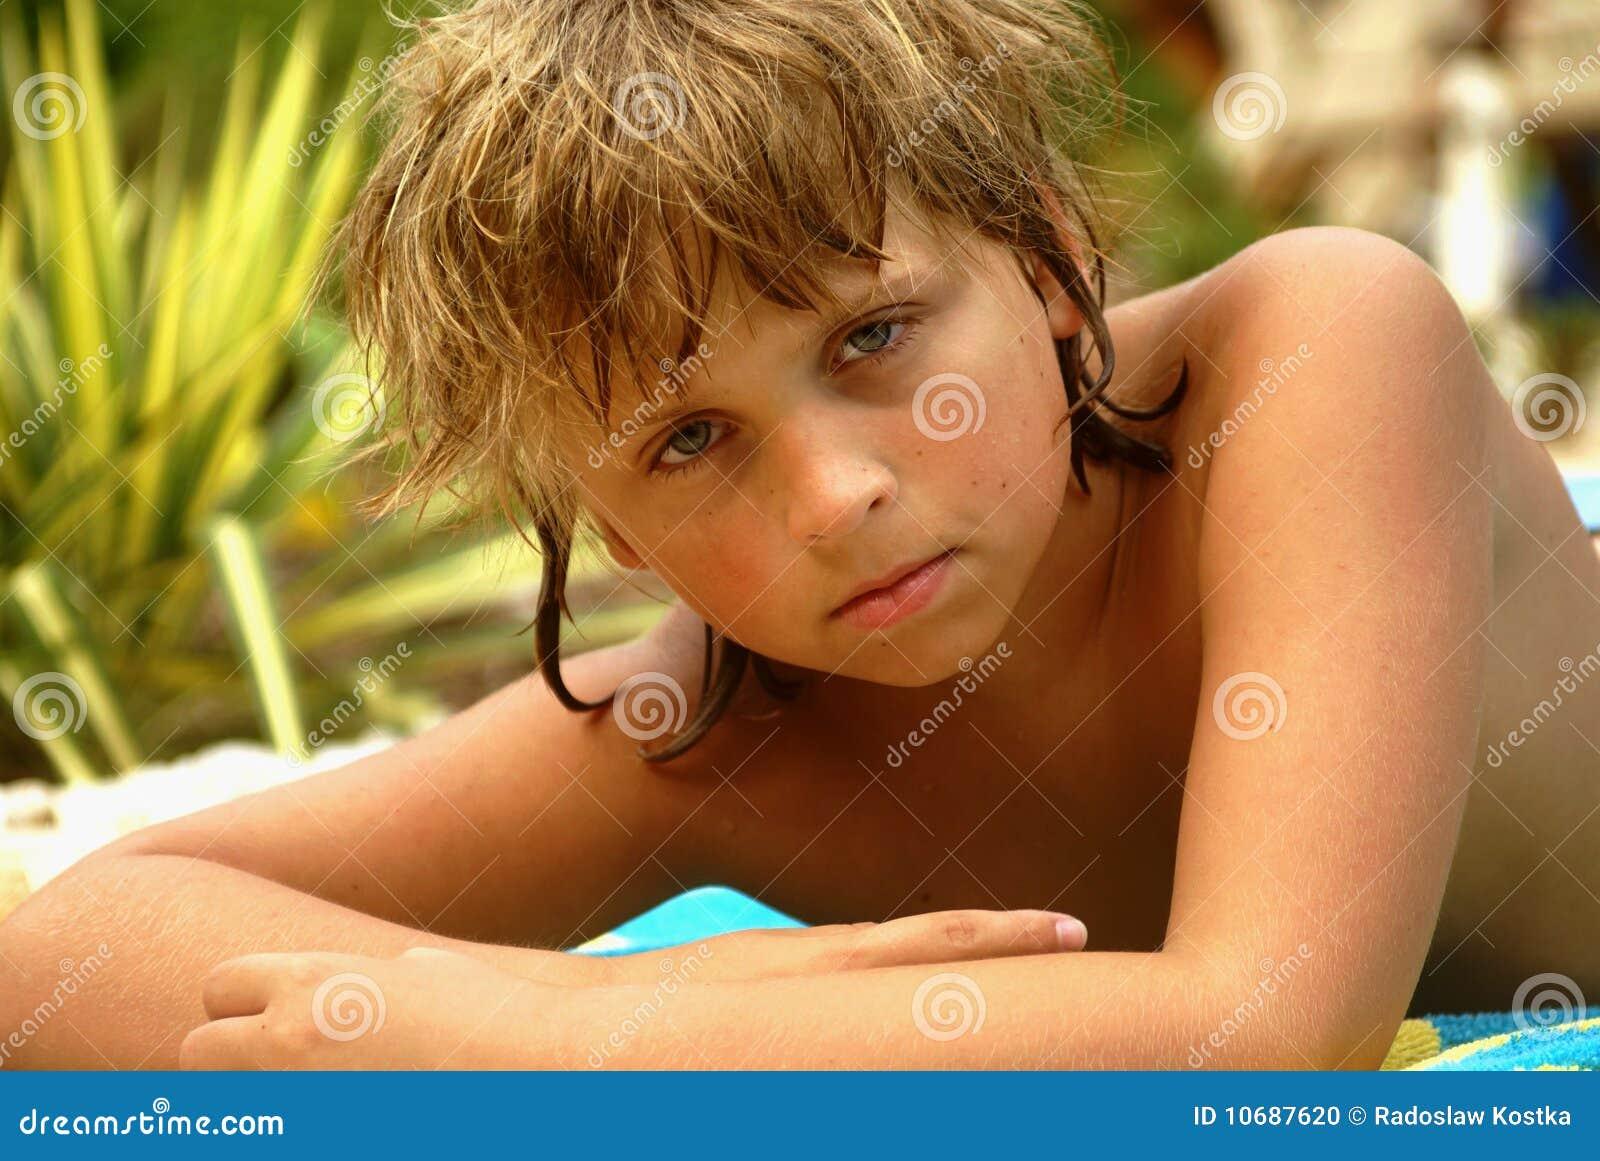 Jeune garçon